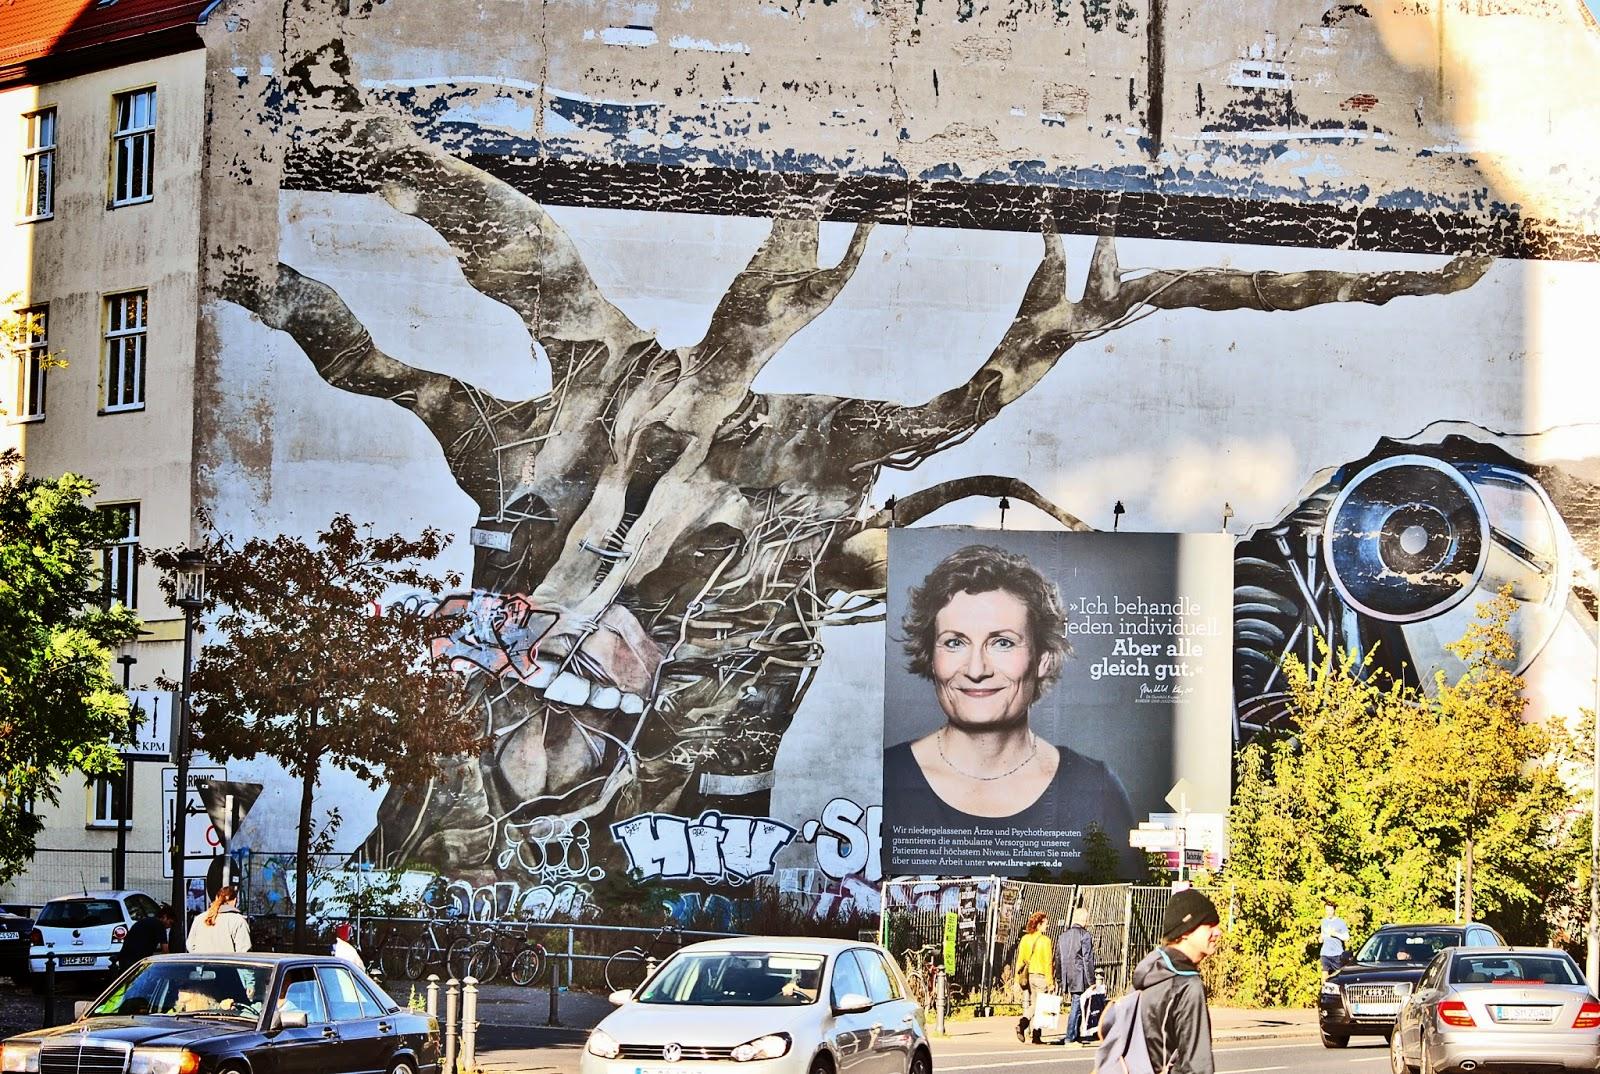 grafitii w berlinie